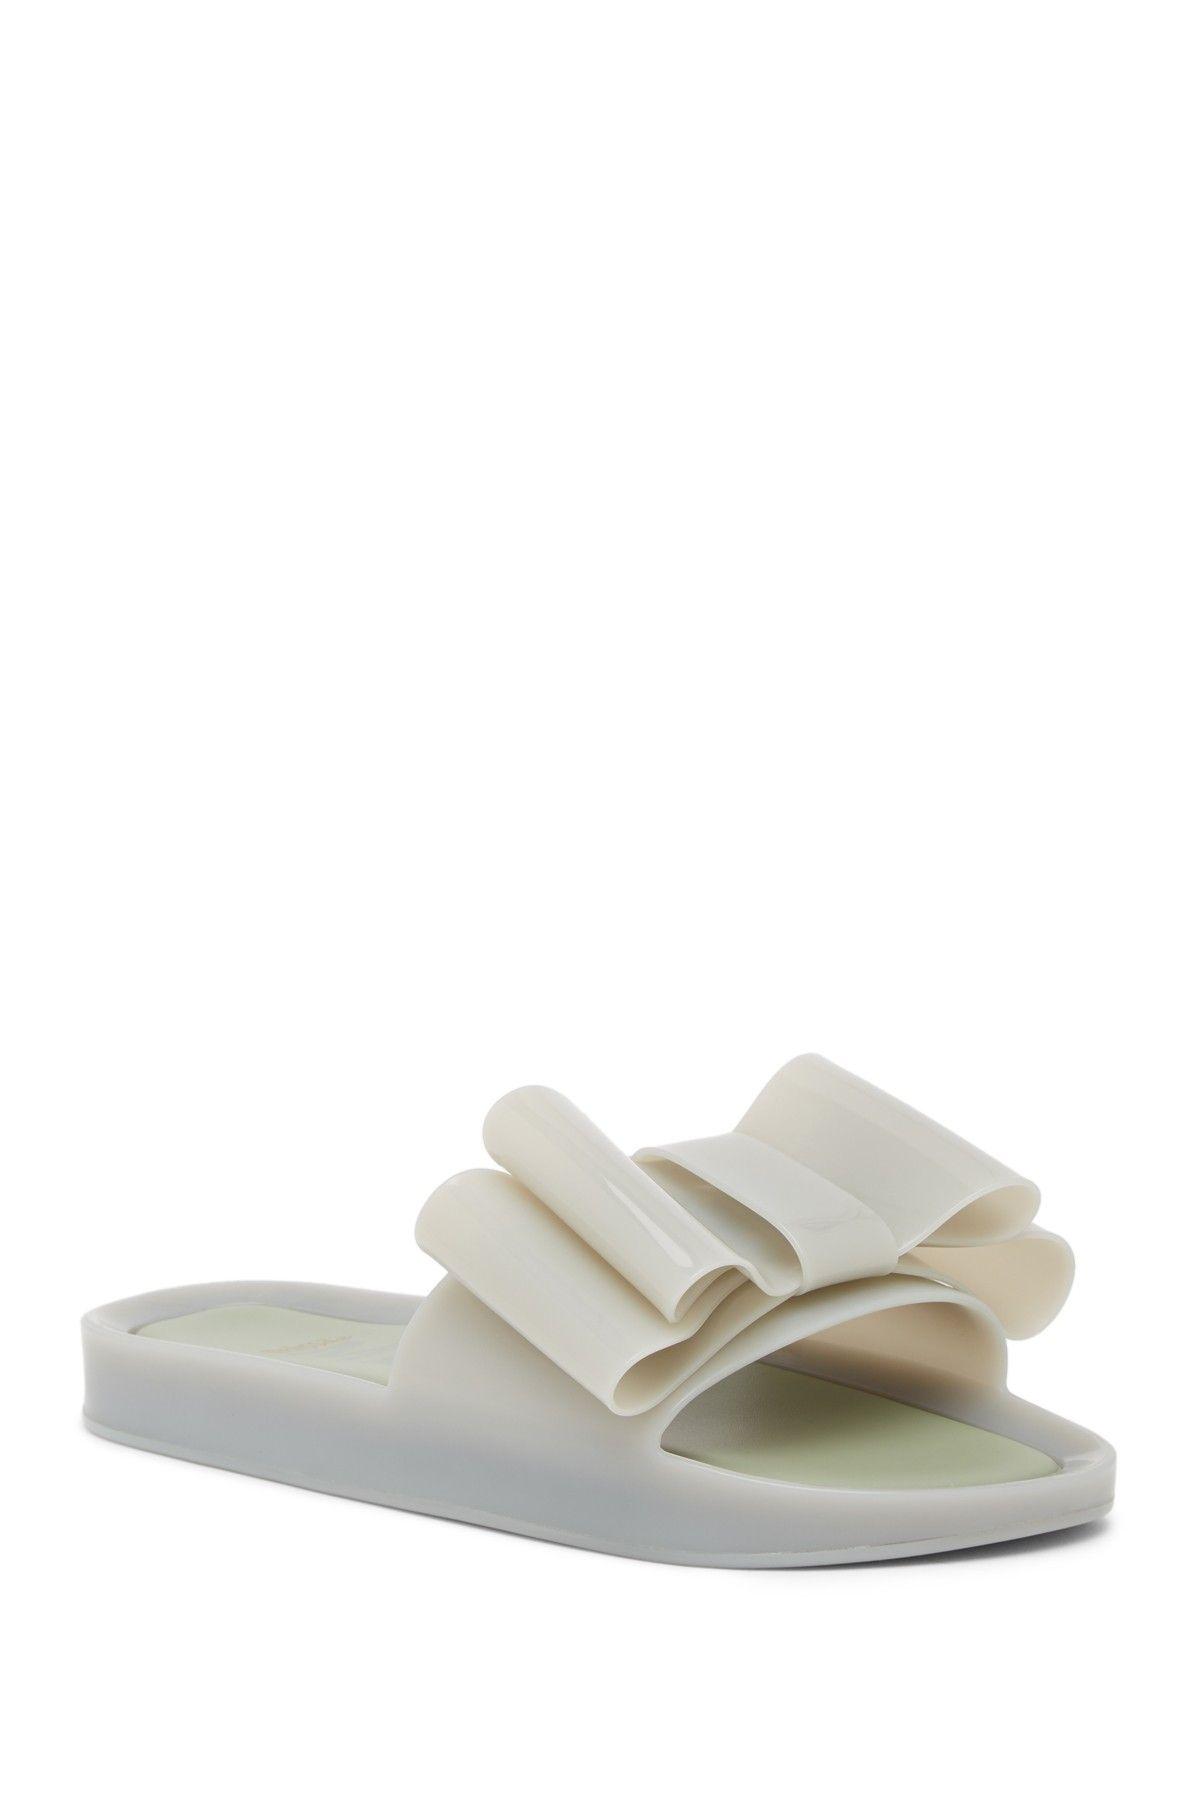 83399d78a86e Melissa Beach Bow Jelly Slide Sandal